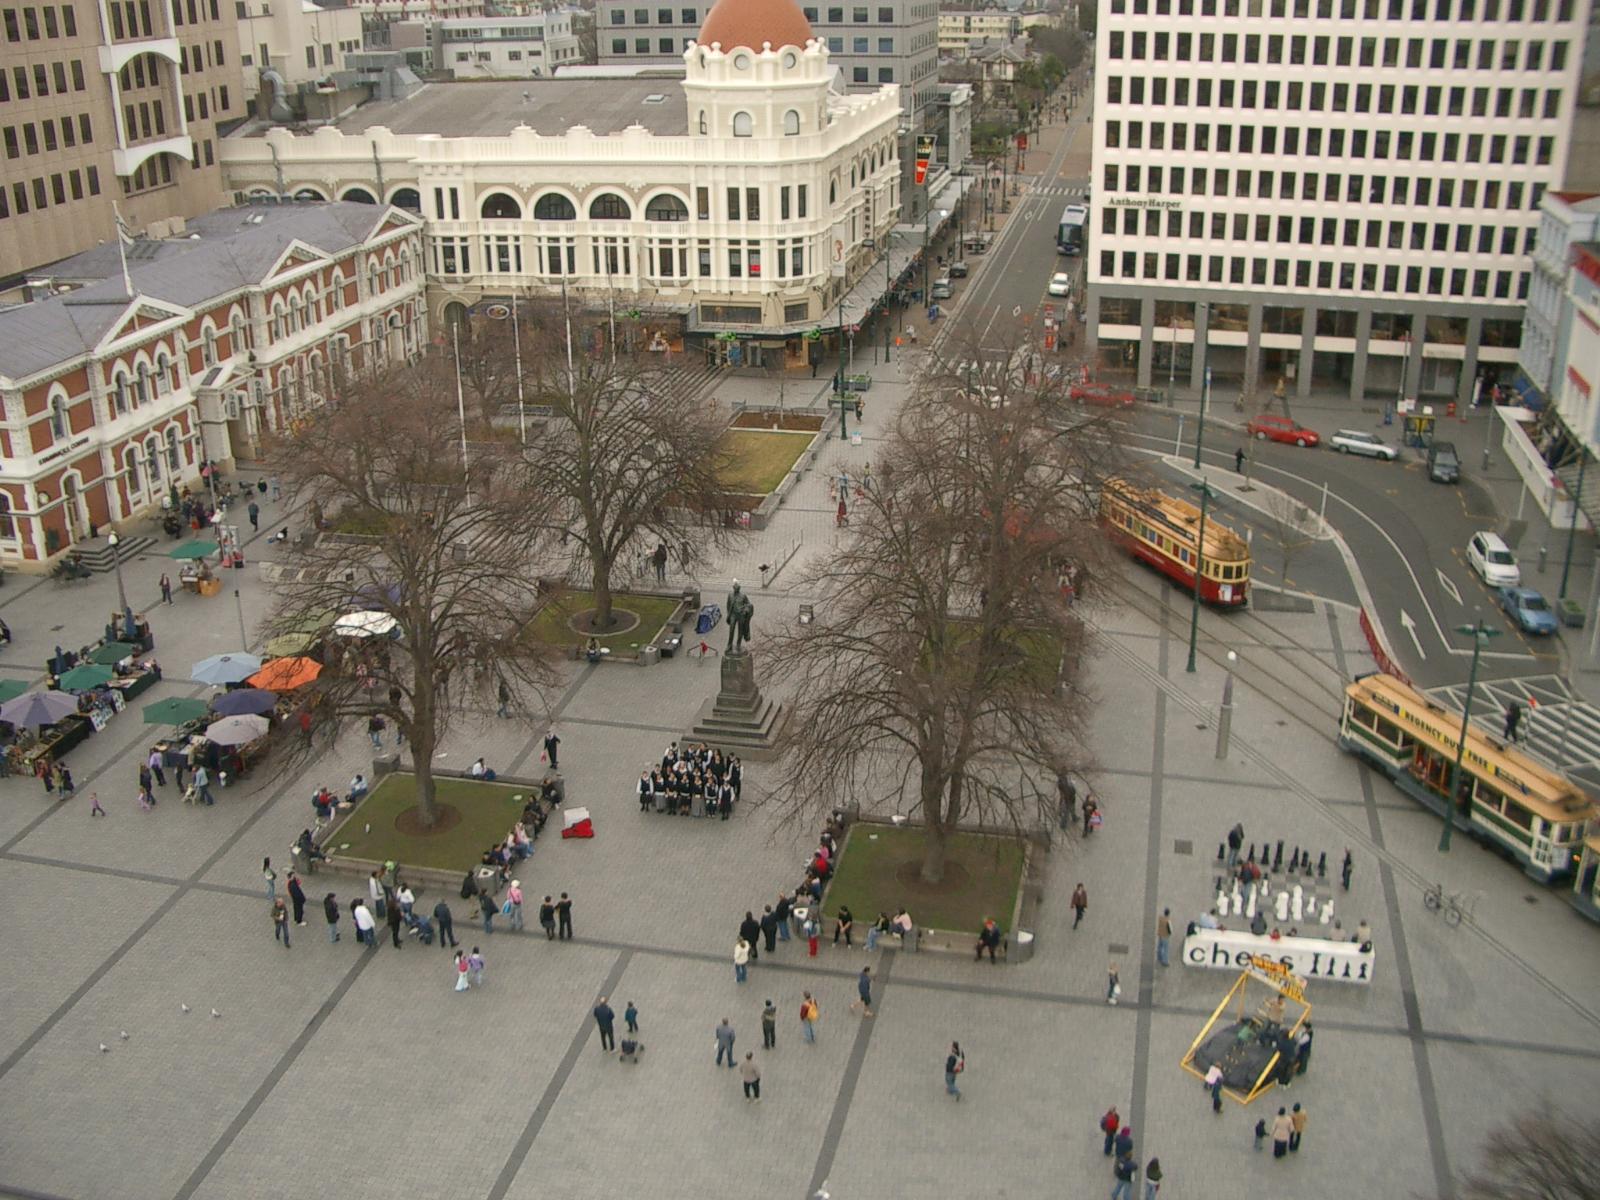 Christchurch Wikipedia: Cathedral Square, Christchurch